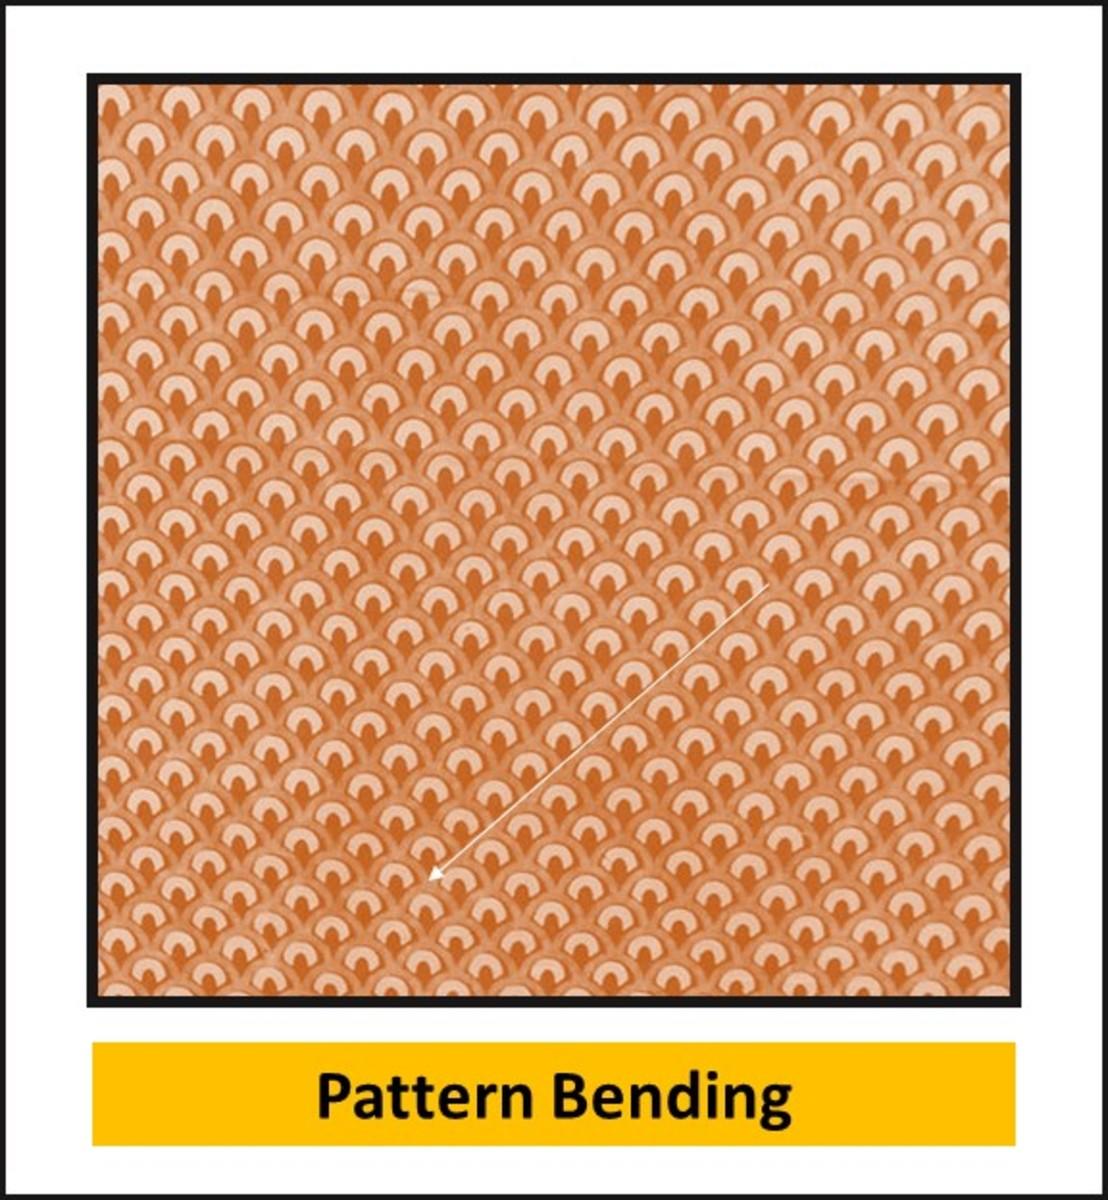 Pattern Bending